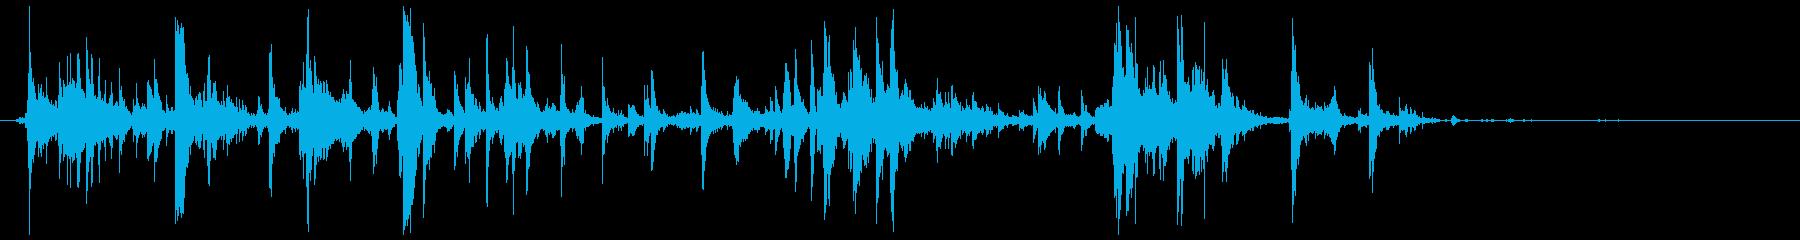 グラスデブリスピル、クラッシュグラ...の再生済みの波形